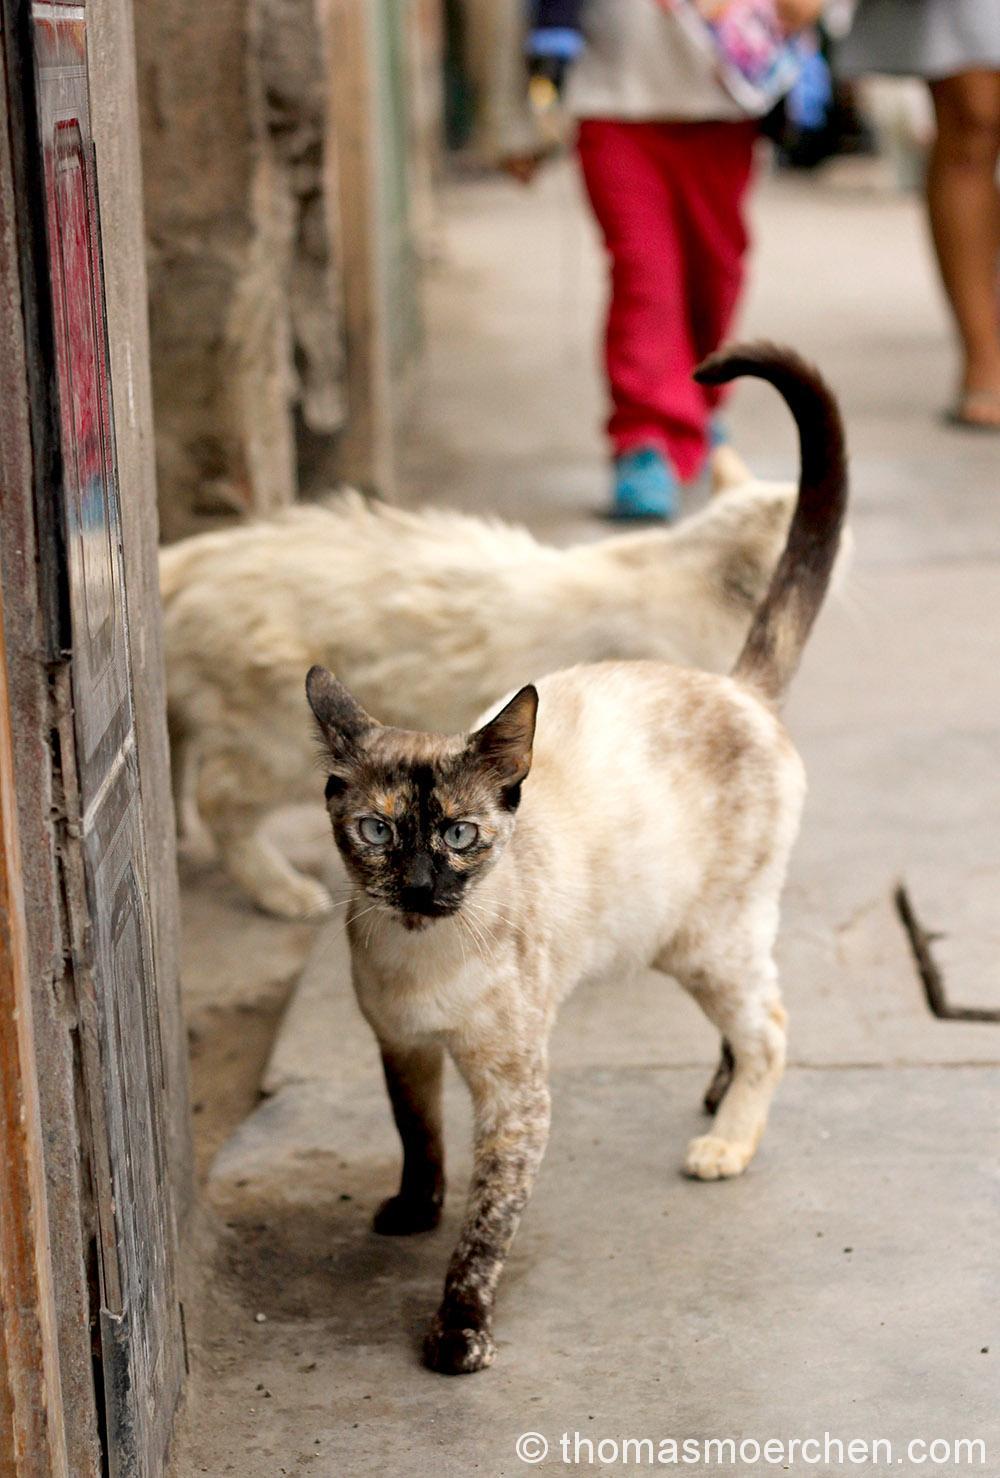 Wilde Tiere rennen überall in Lima umher. Besonders extrem viele Hunde sieht man täglich. Als ich dieses Foto aufgenmmen hab, hat mir währenddessen einer am Ohr rumgeschlabbert